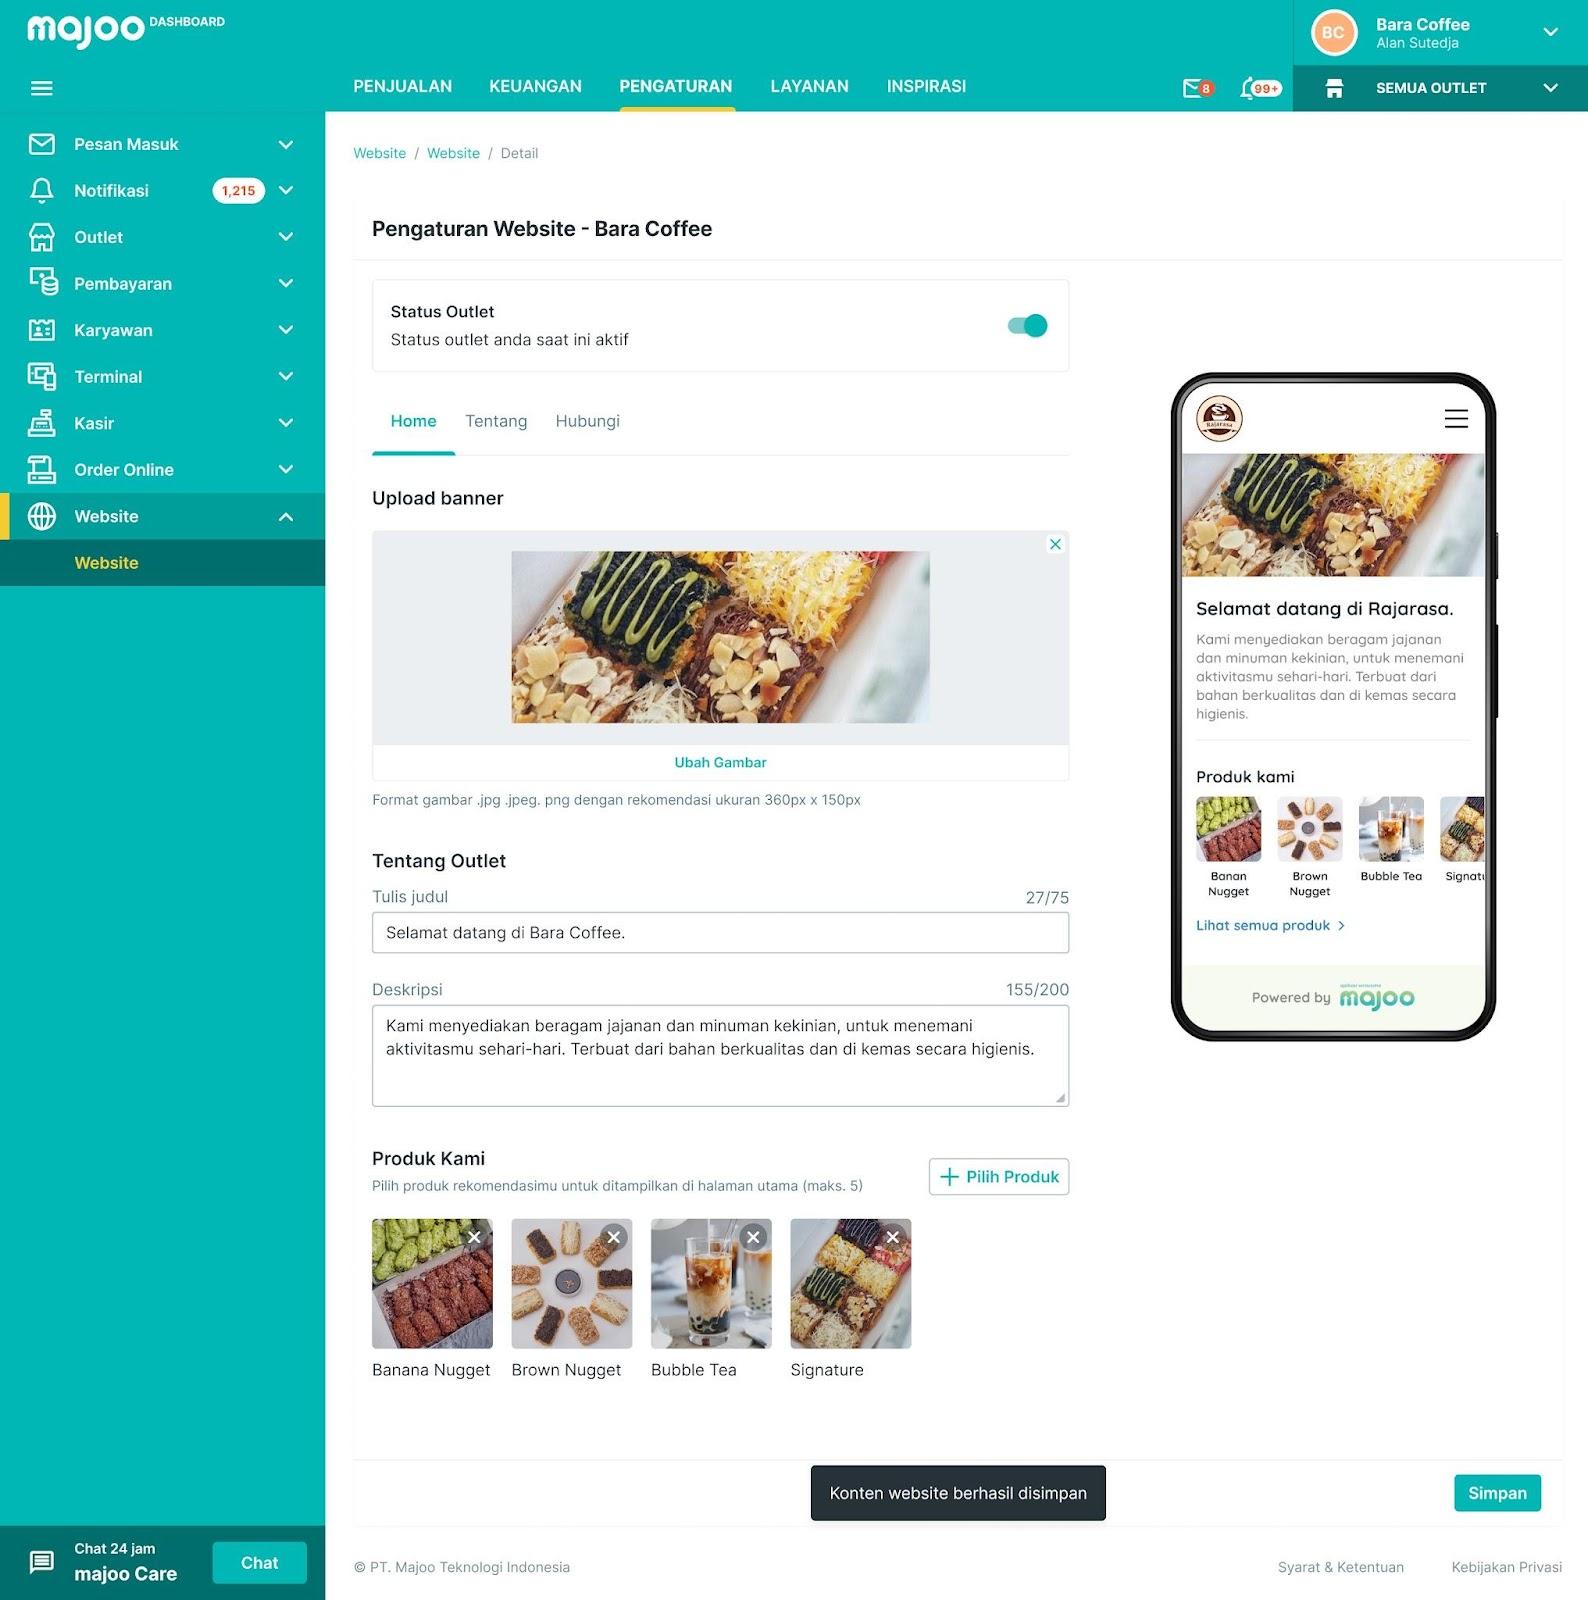 Aplikasi kasir online yang dilengkapi dengan fitur order online untuk mempermudah pengelolaan bisnis.